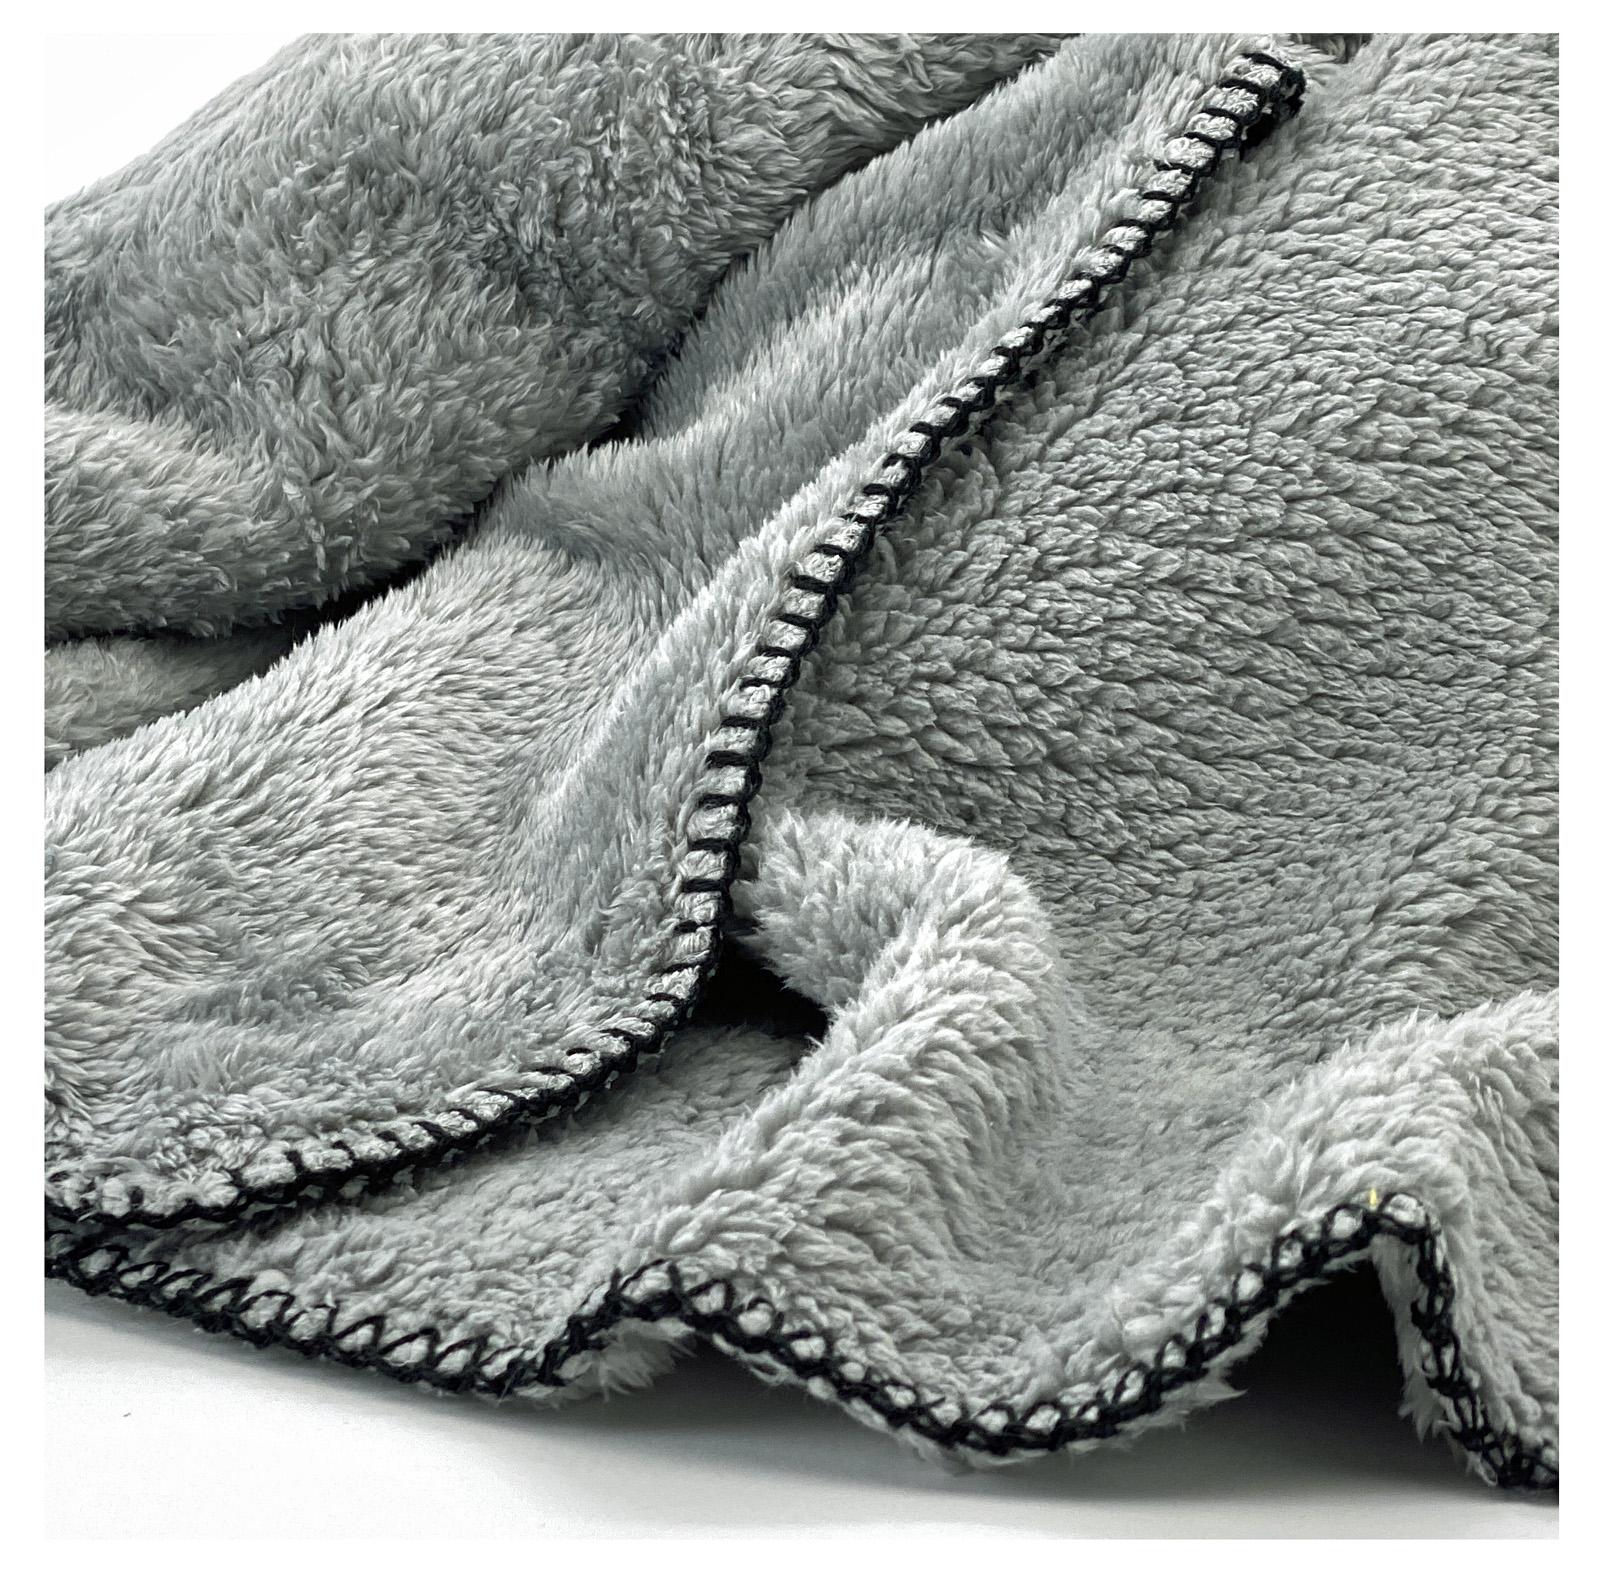 Indexbild 6 - Super Soft Kuscheldecke Langfloor Teddy Fleece XL 200x150 Plüsch Decke Typ716